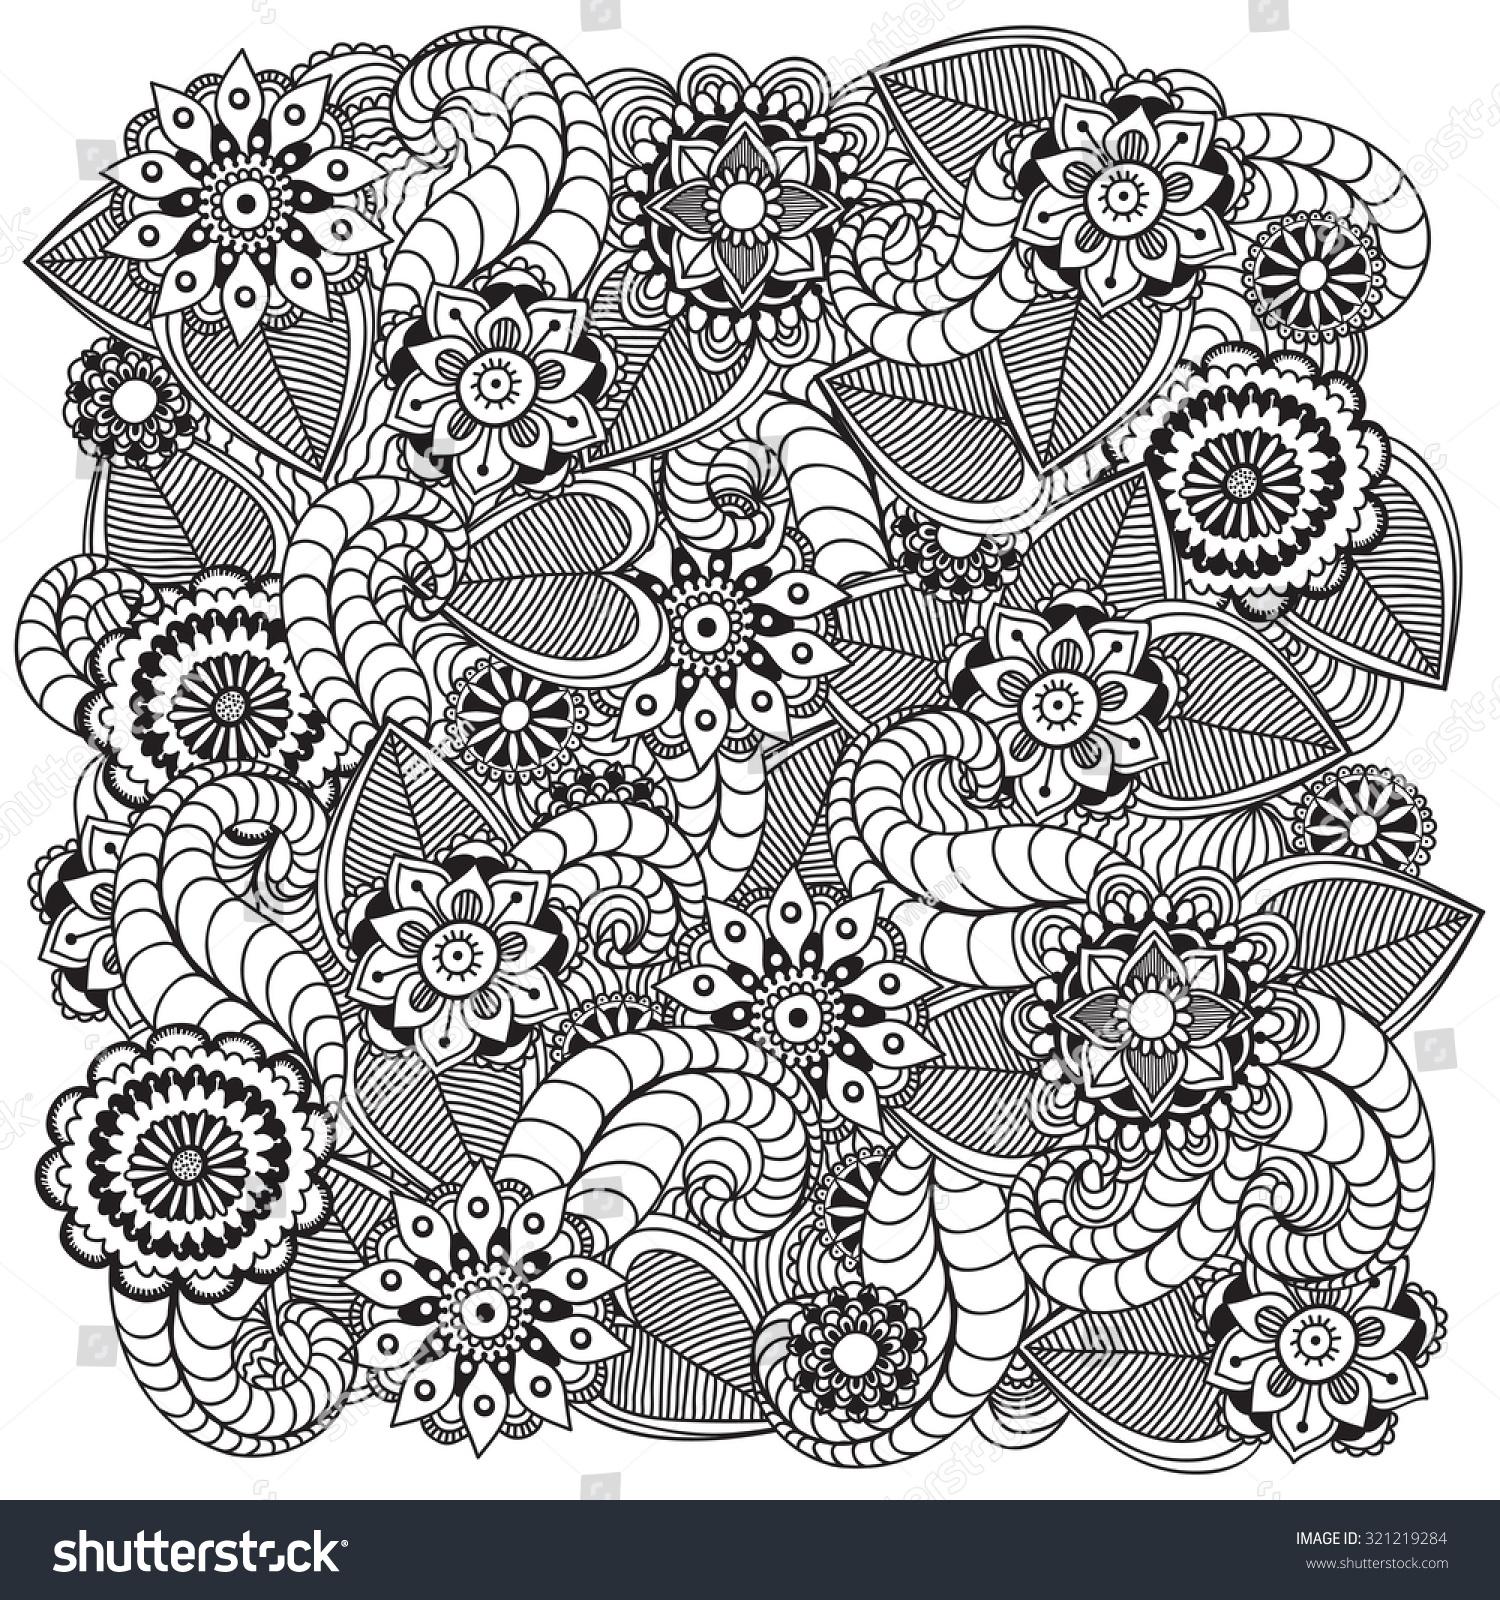 Beautiful Doodle Art Flowers Zentangle Floral Stock Vector